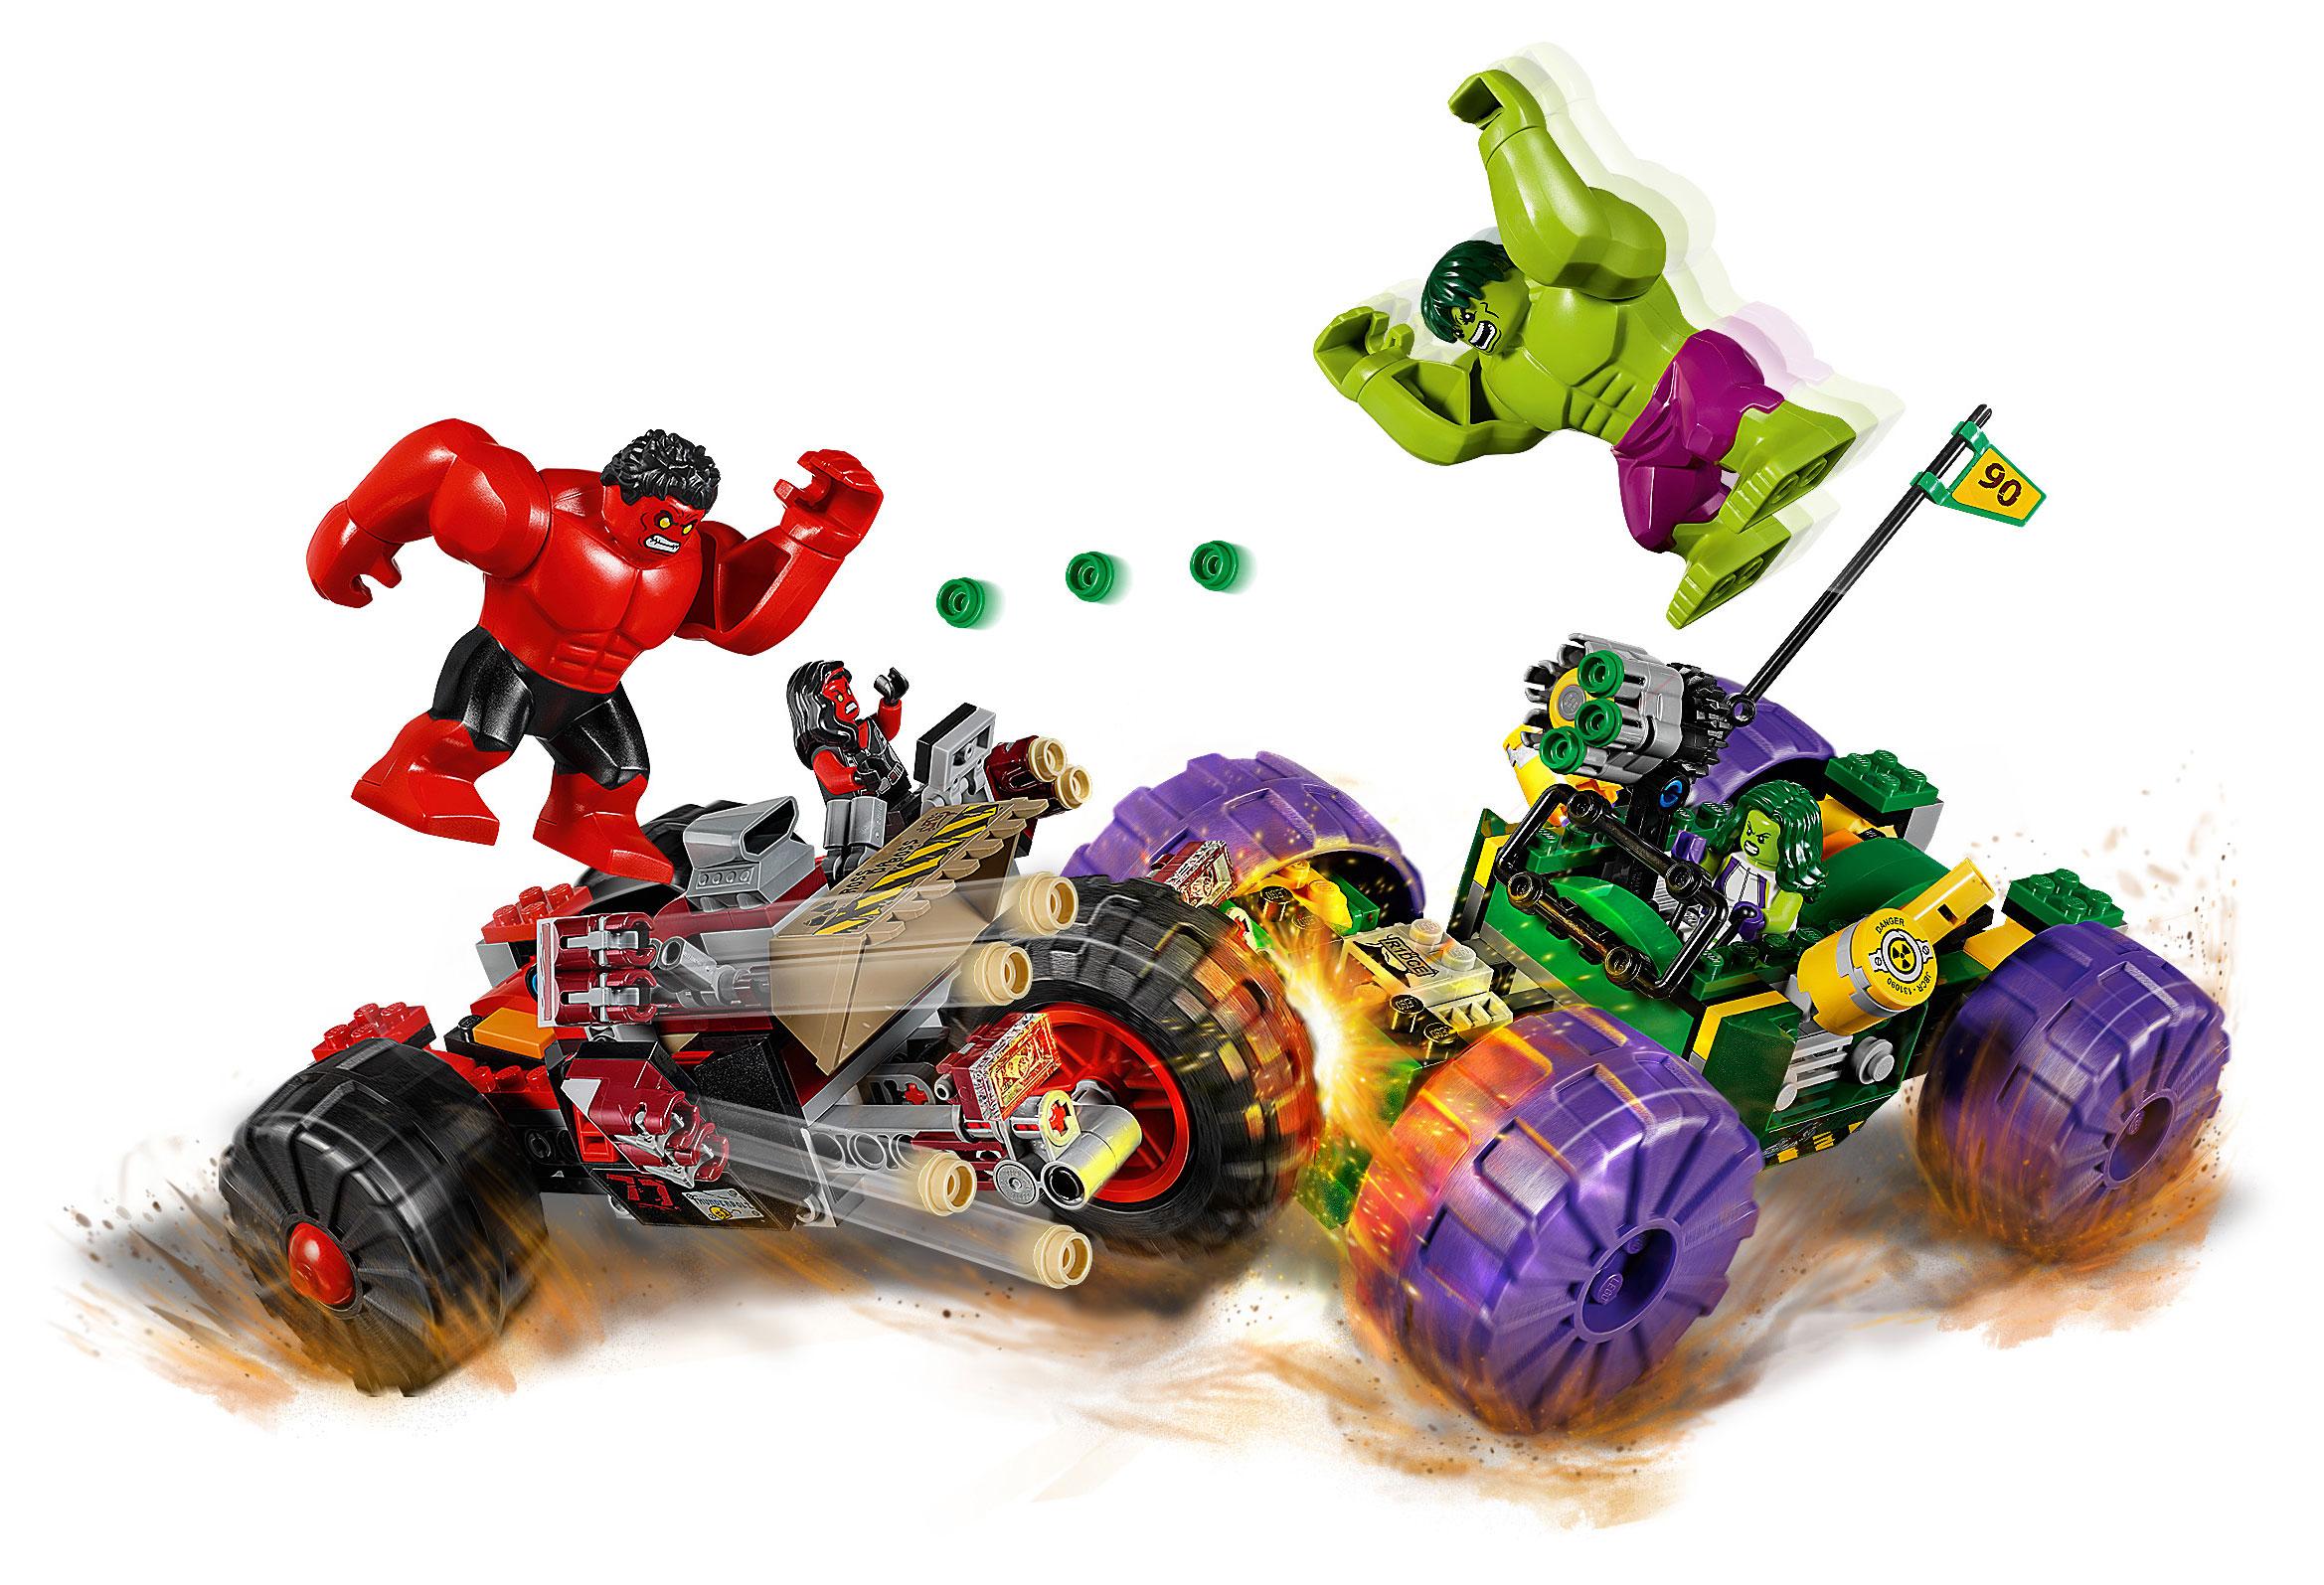 Lego Marvel Super Heroes Avengers Hulk Vs Red Hulk Animegami Store